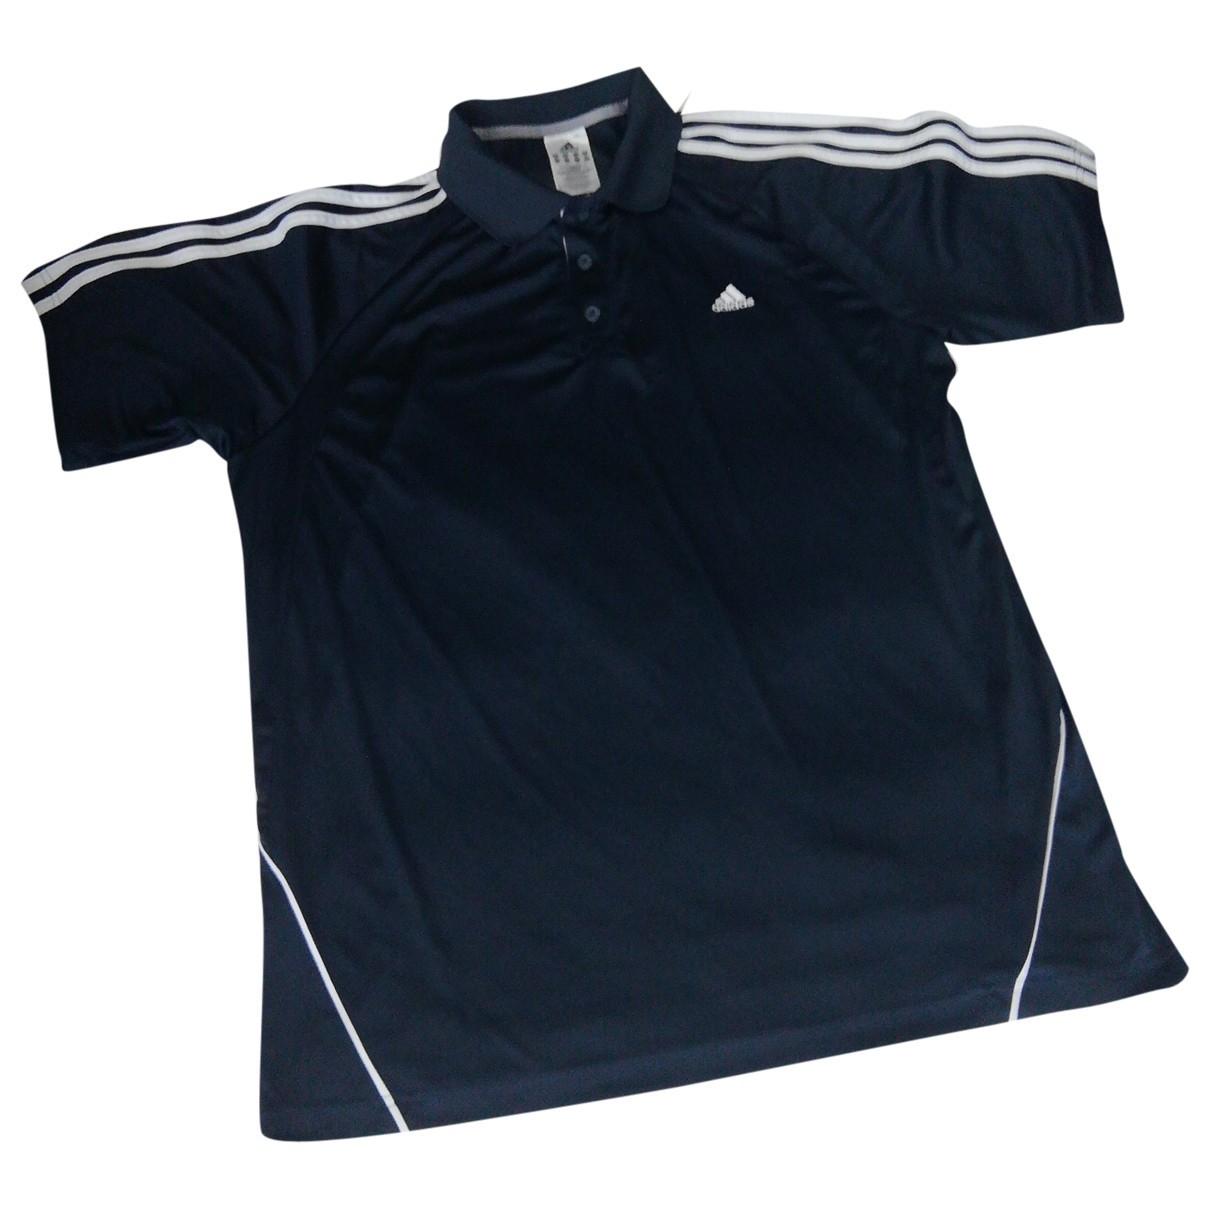 Adidas \N Poloshirts in  Blau Polyester